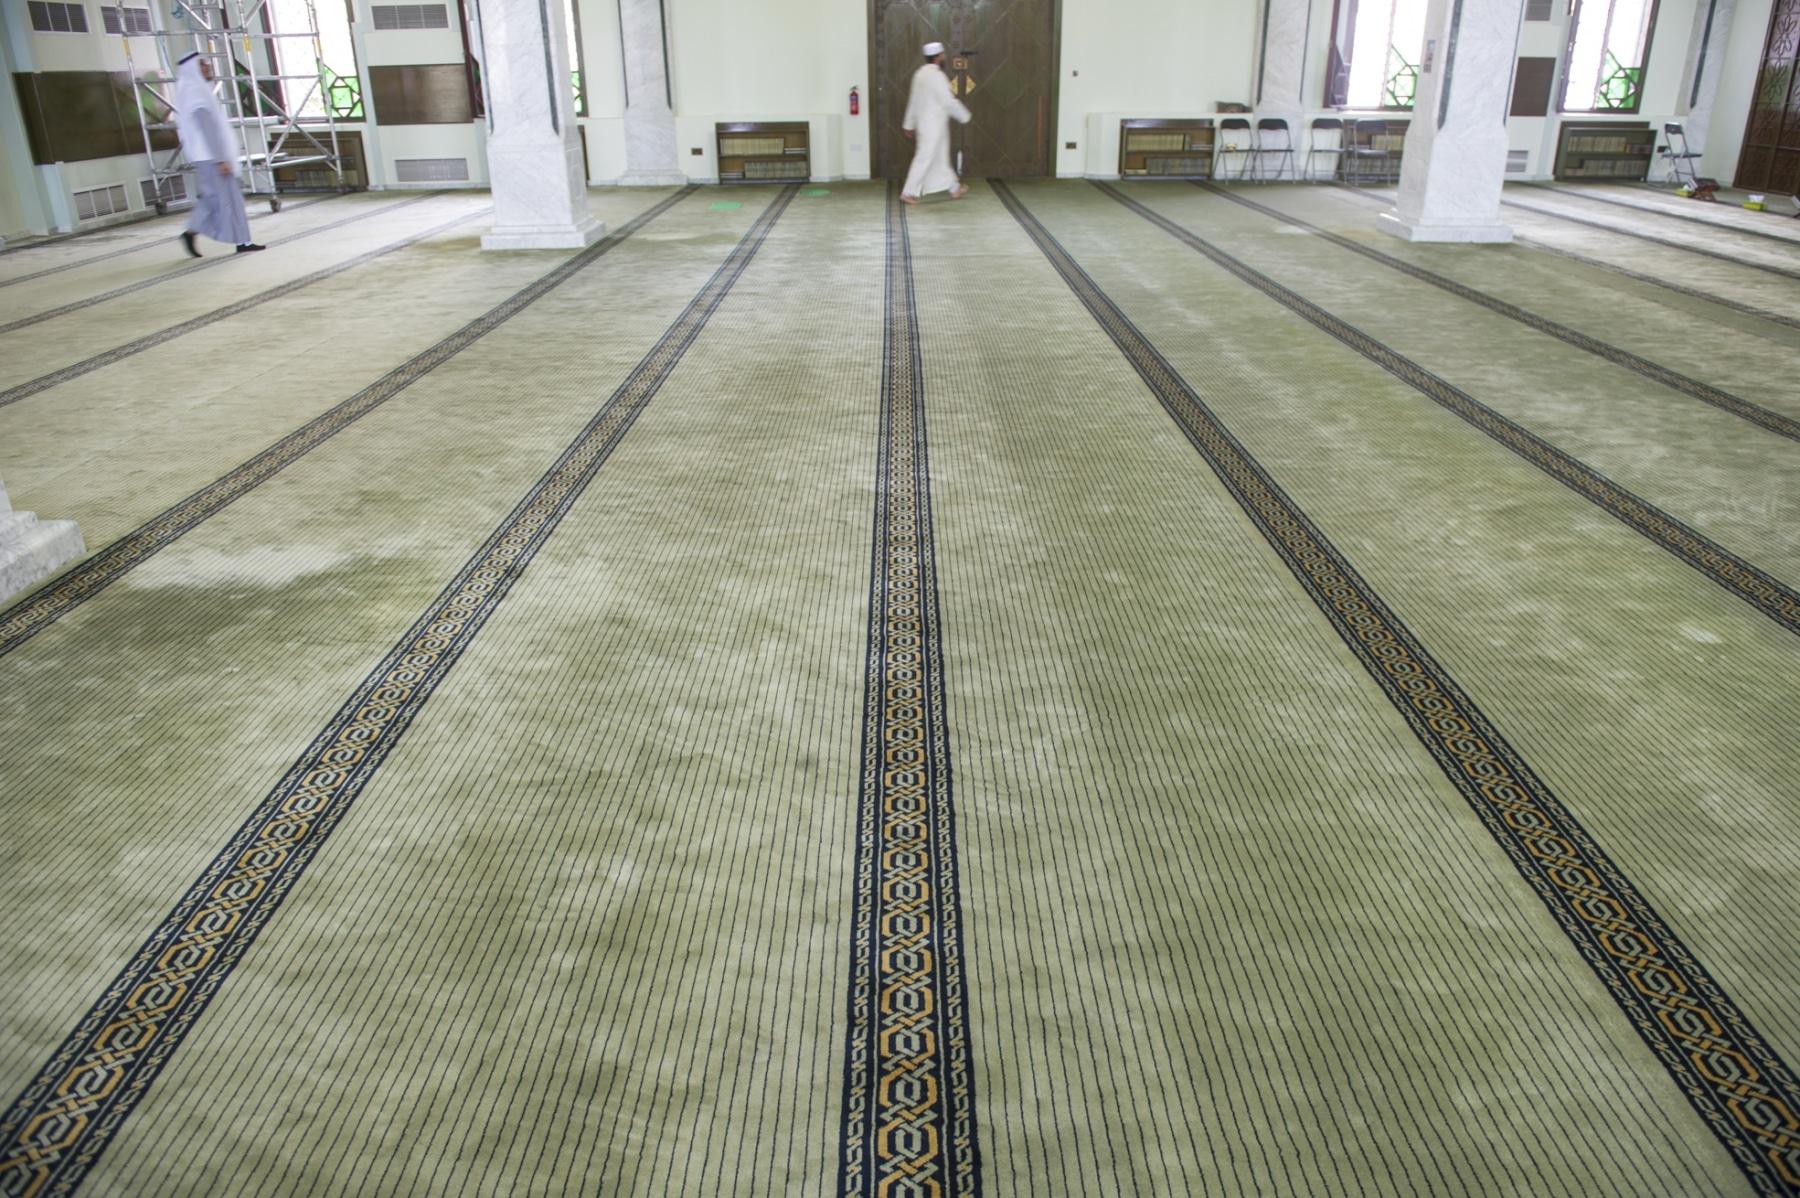 Mezquita-16